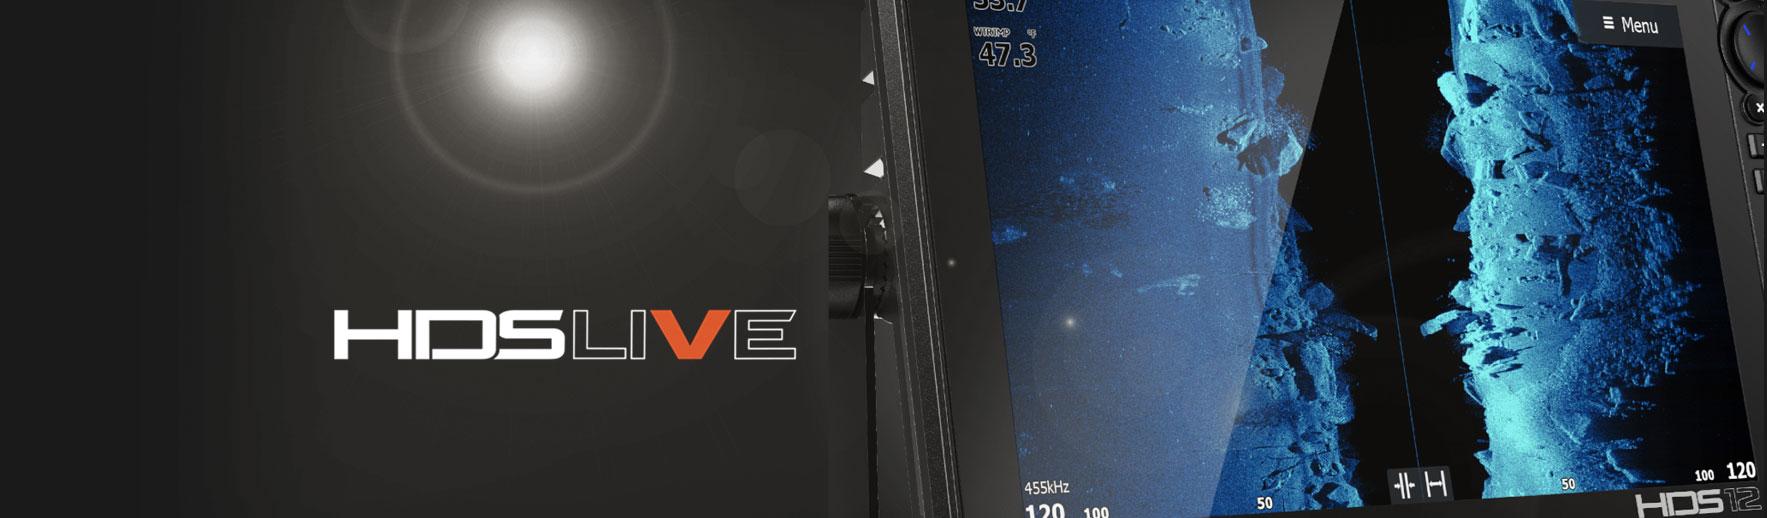 Інноваційні ехолоти HDS Live Active Imaging у фірмовому магазині лоуренс